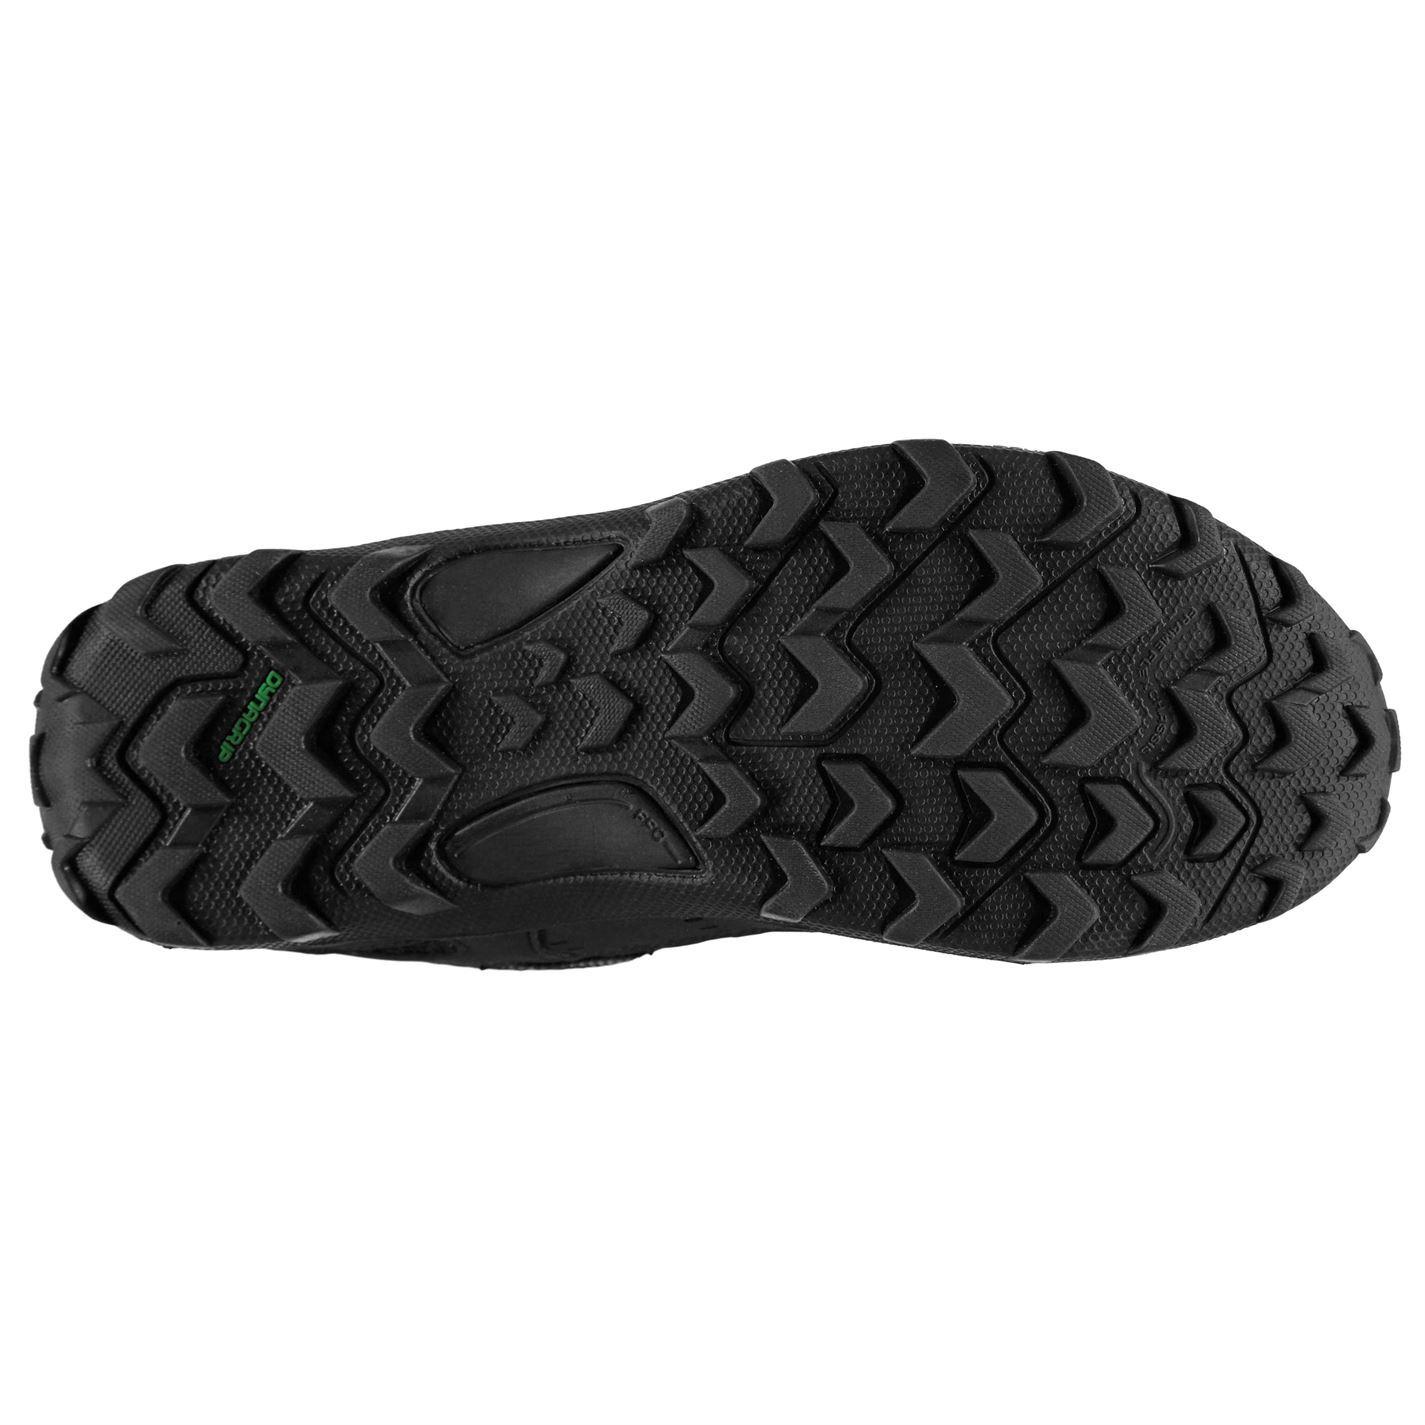 Karrimor Dominator Walking Shoes Mens